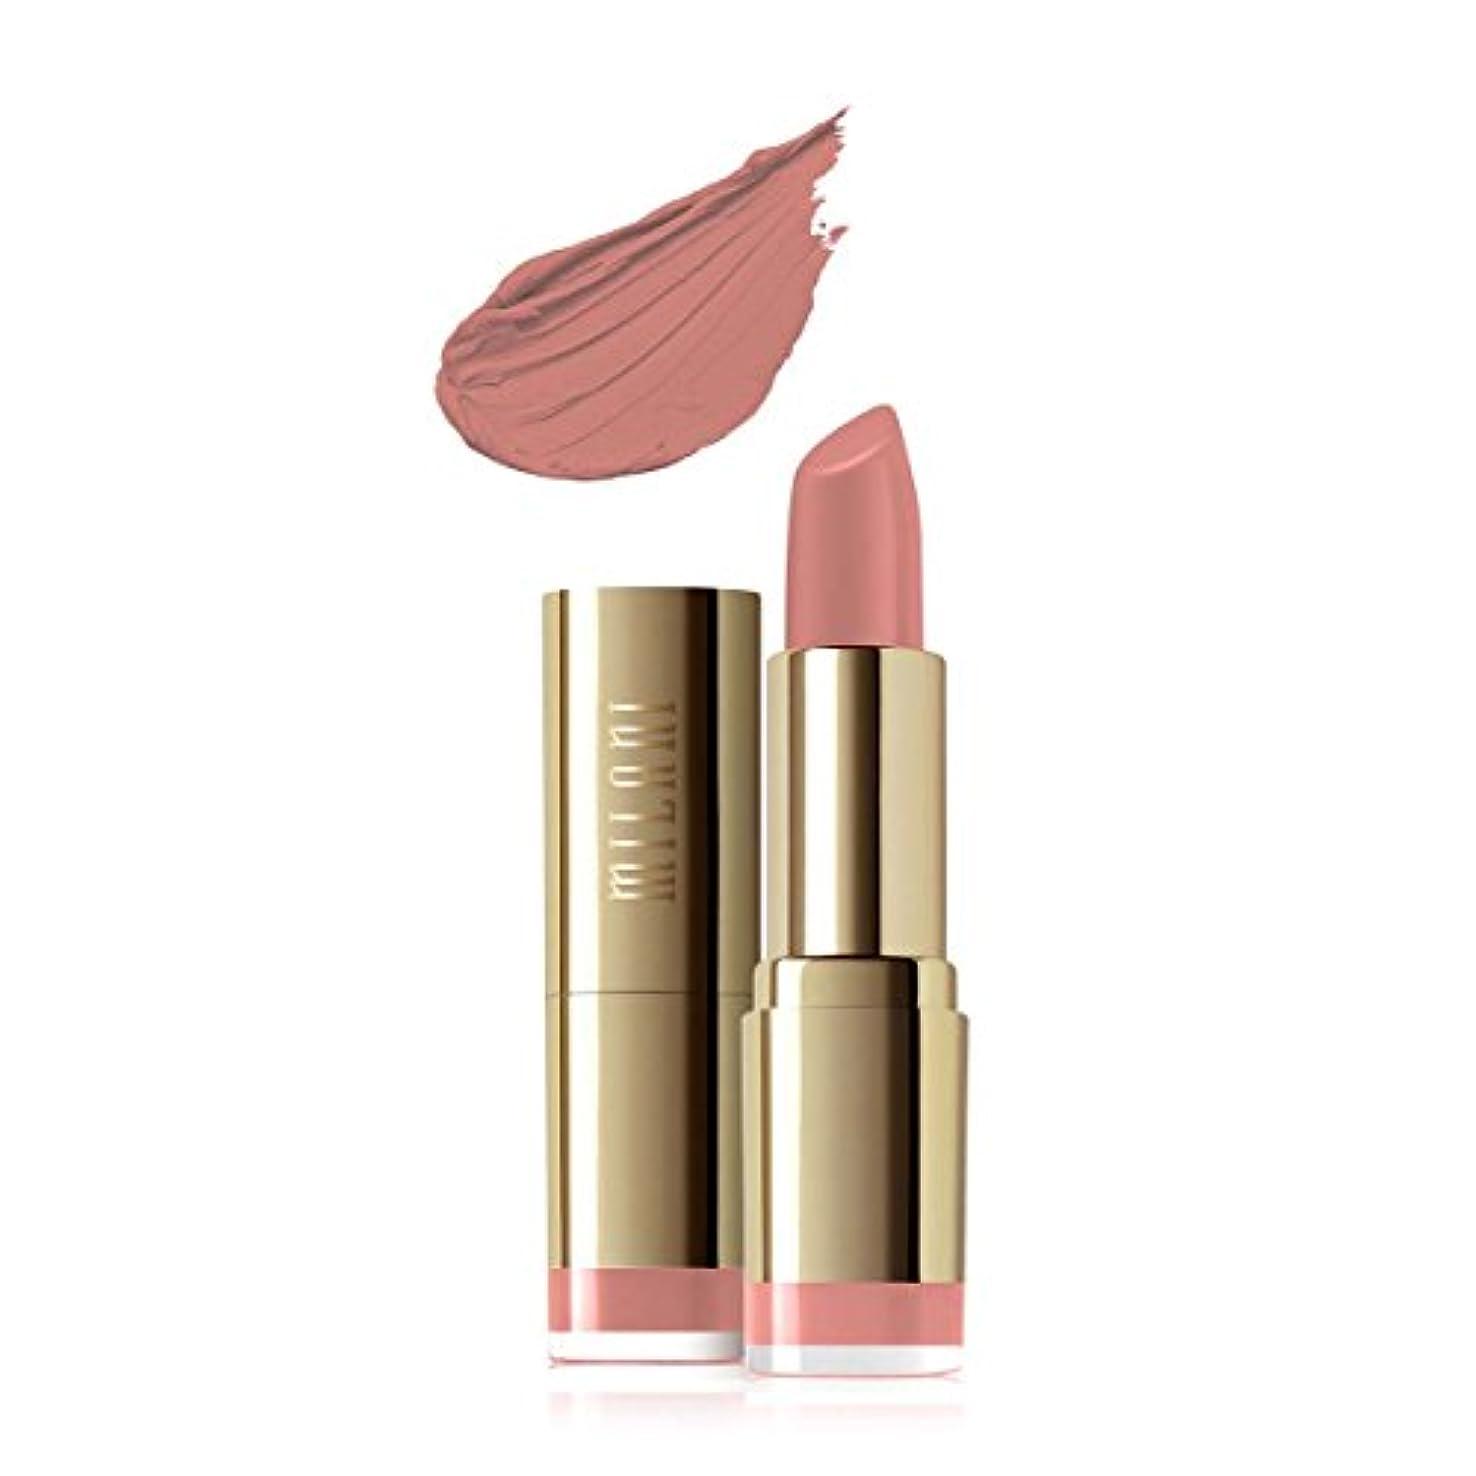 説明的脚本徐々にMILANI Color Statement Moisture Matte Lipstick - Matte Naked (Vegan) (並行輸入品)